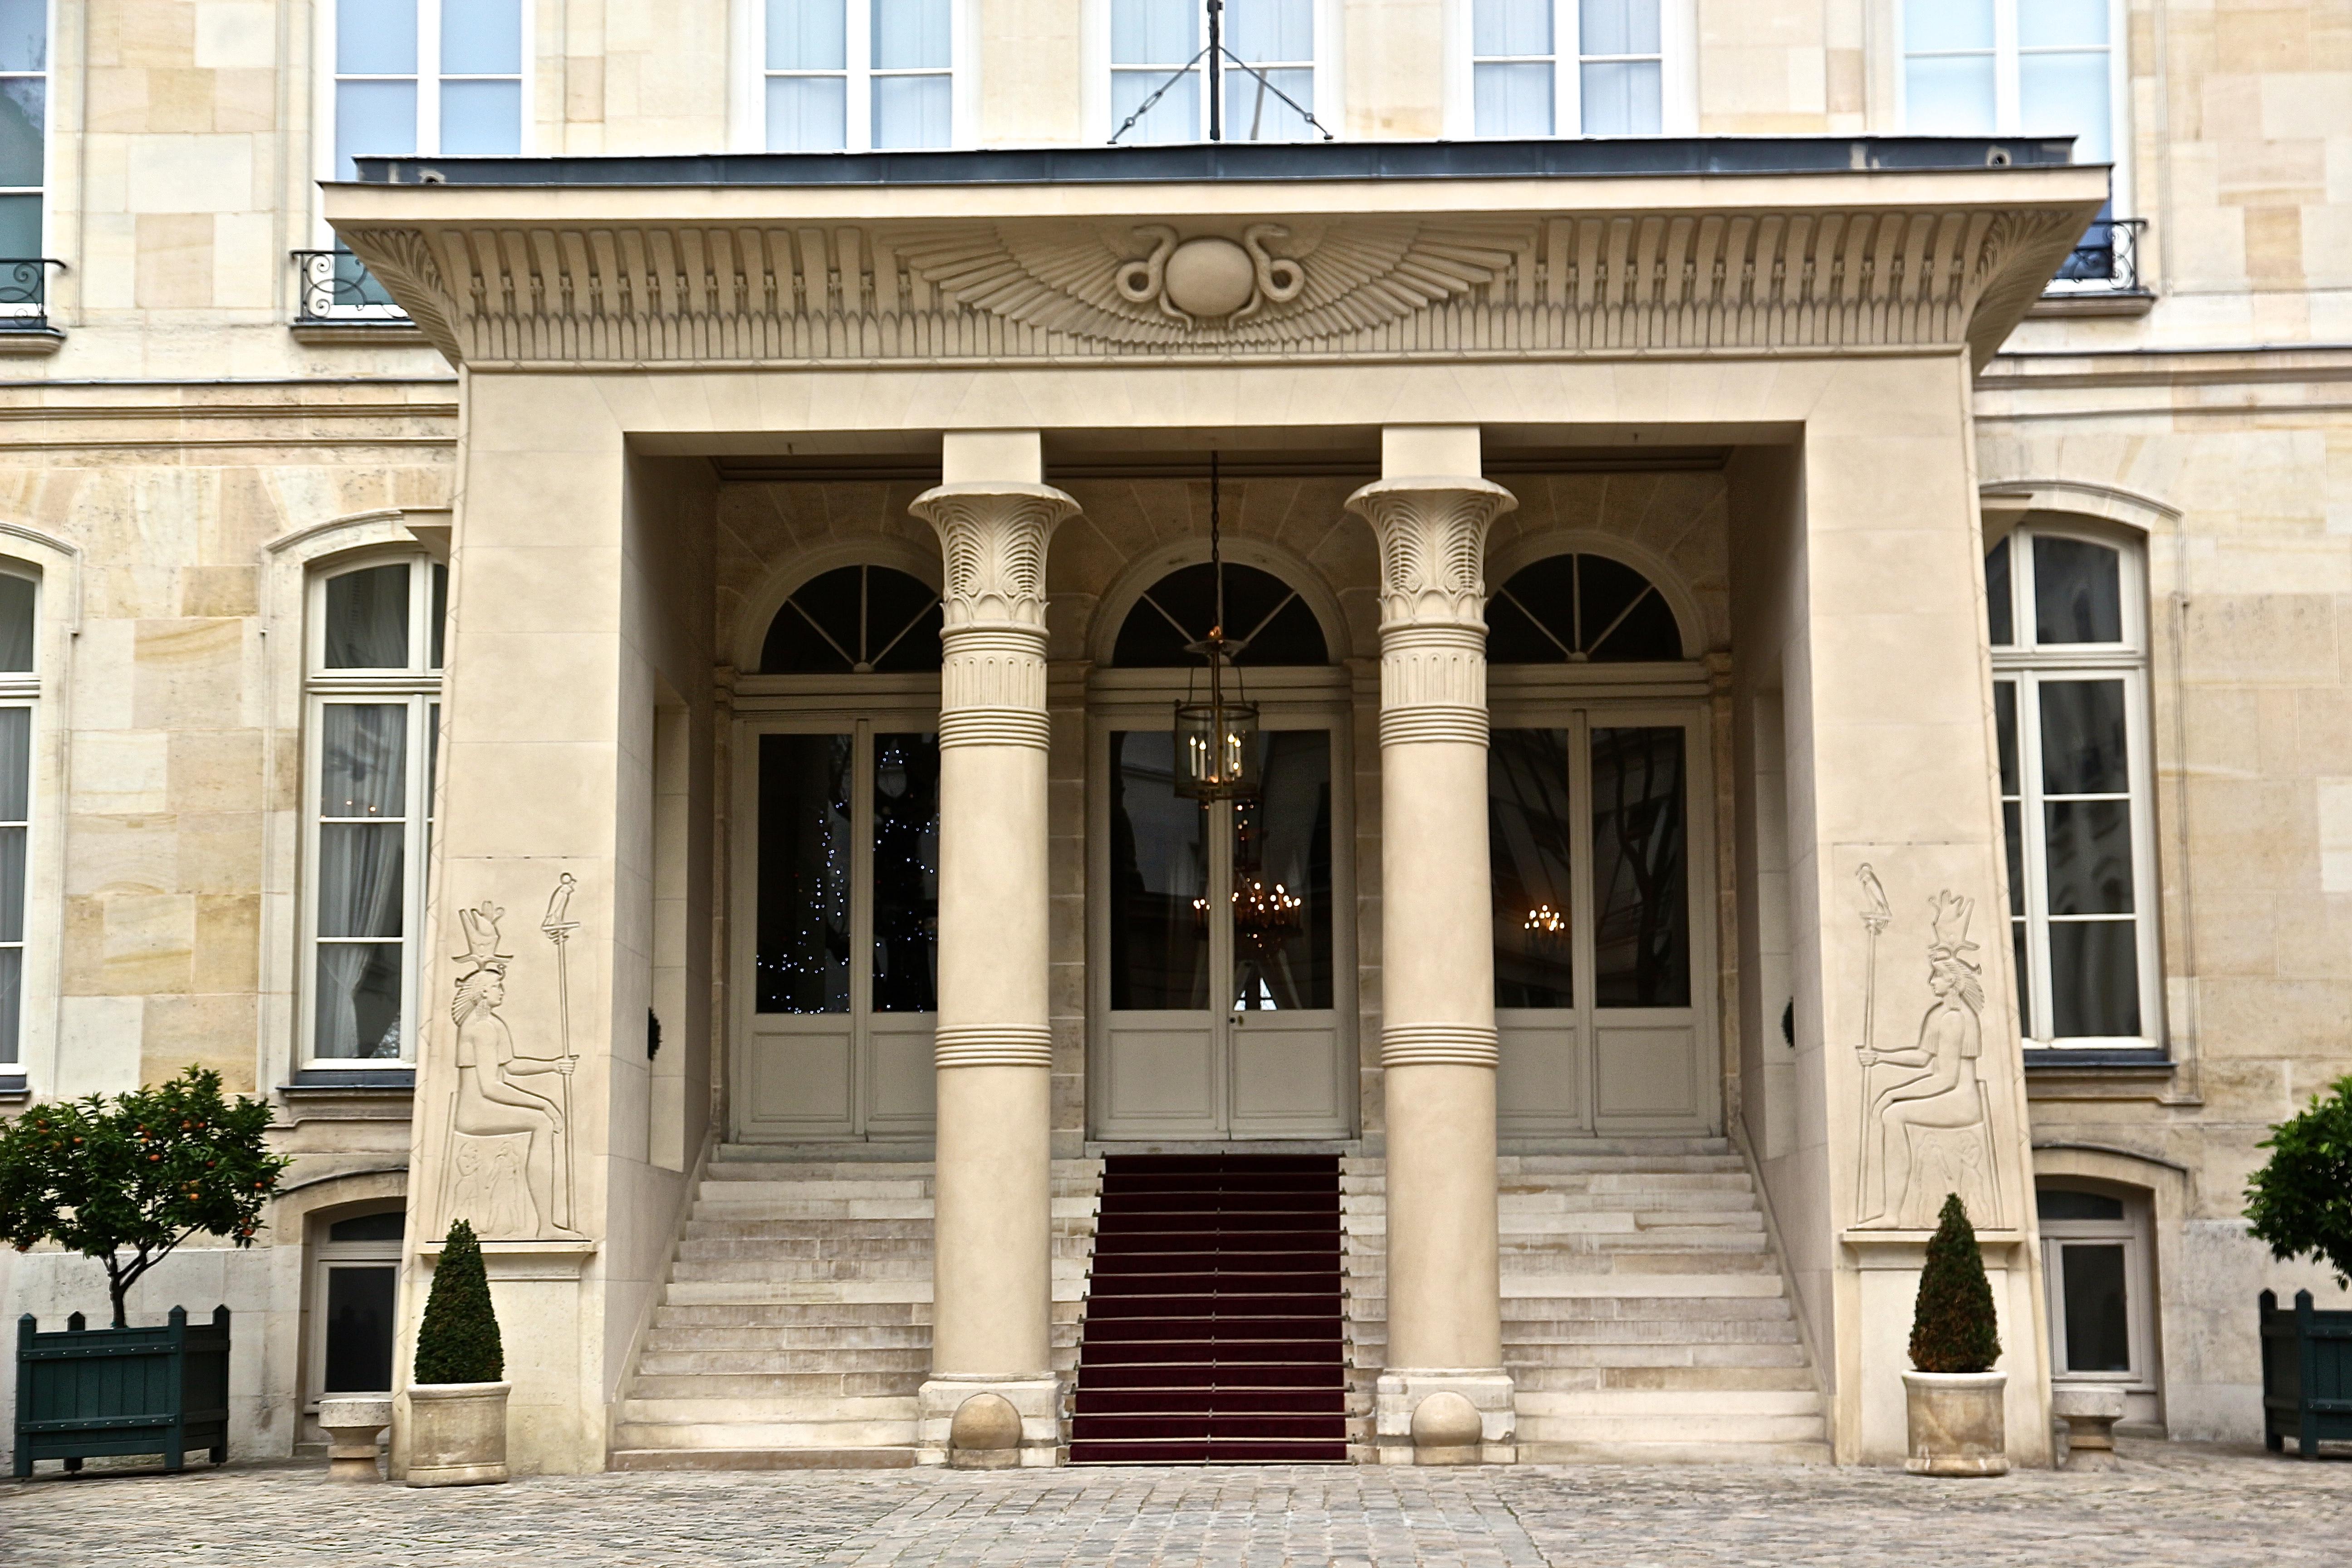 l'Hôtel de Beauharnais